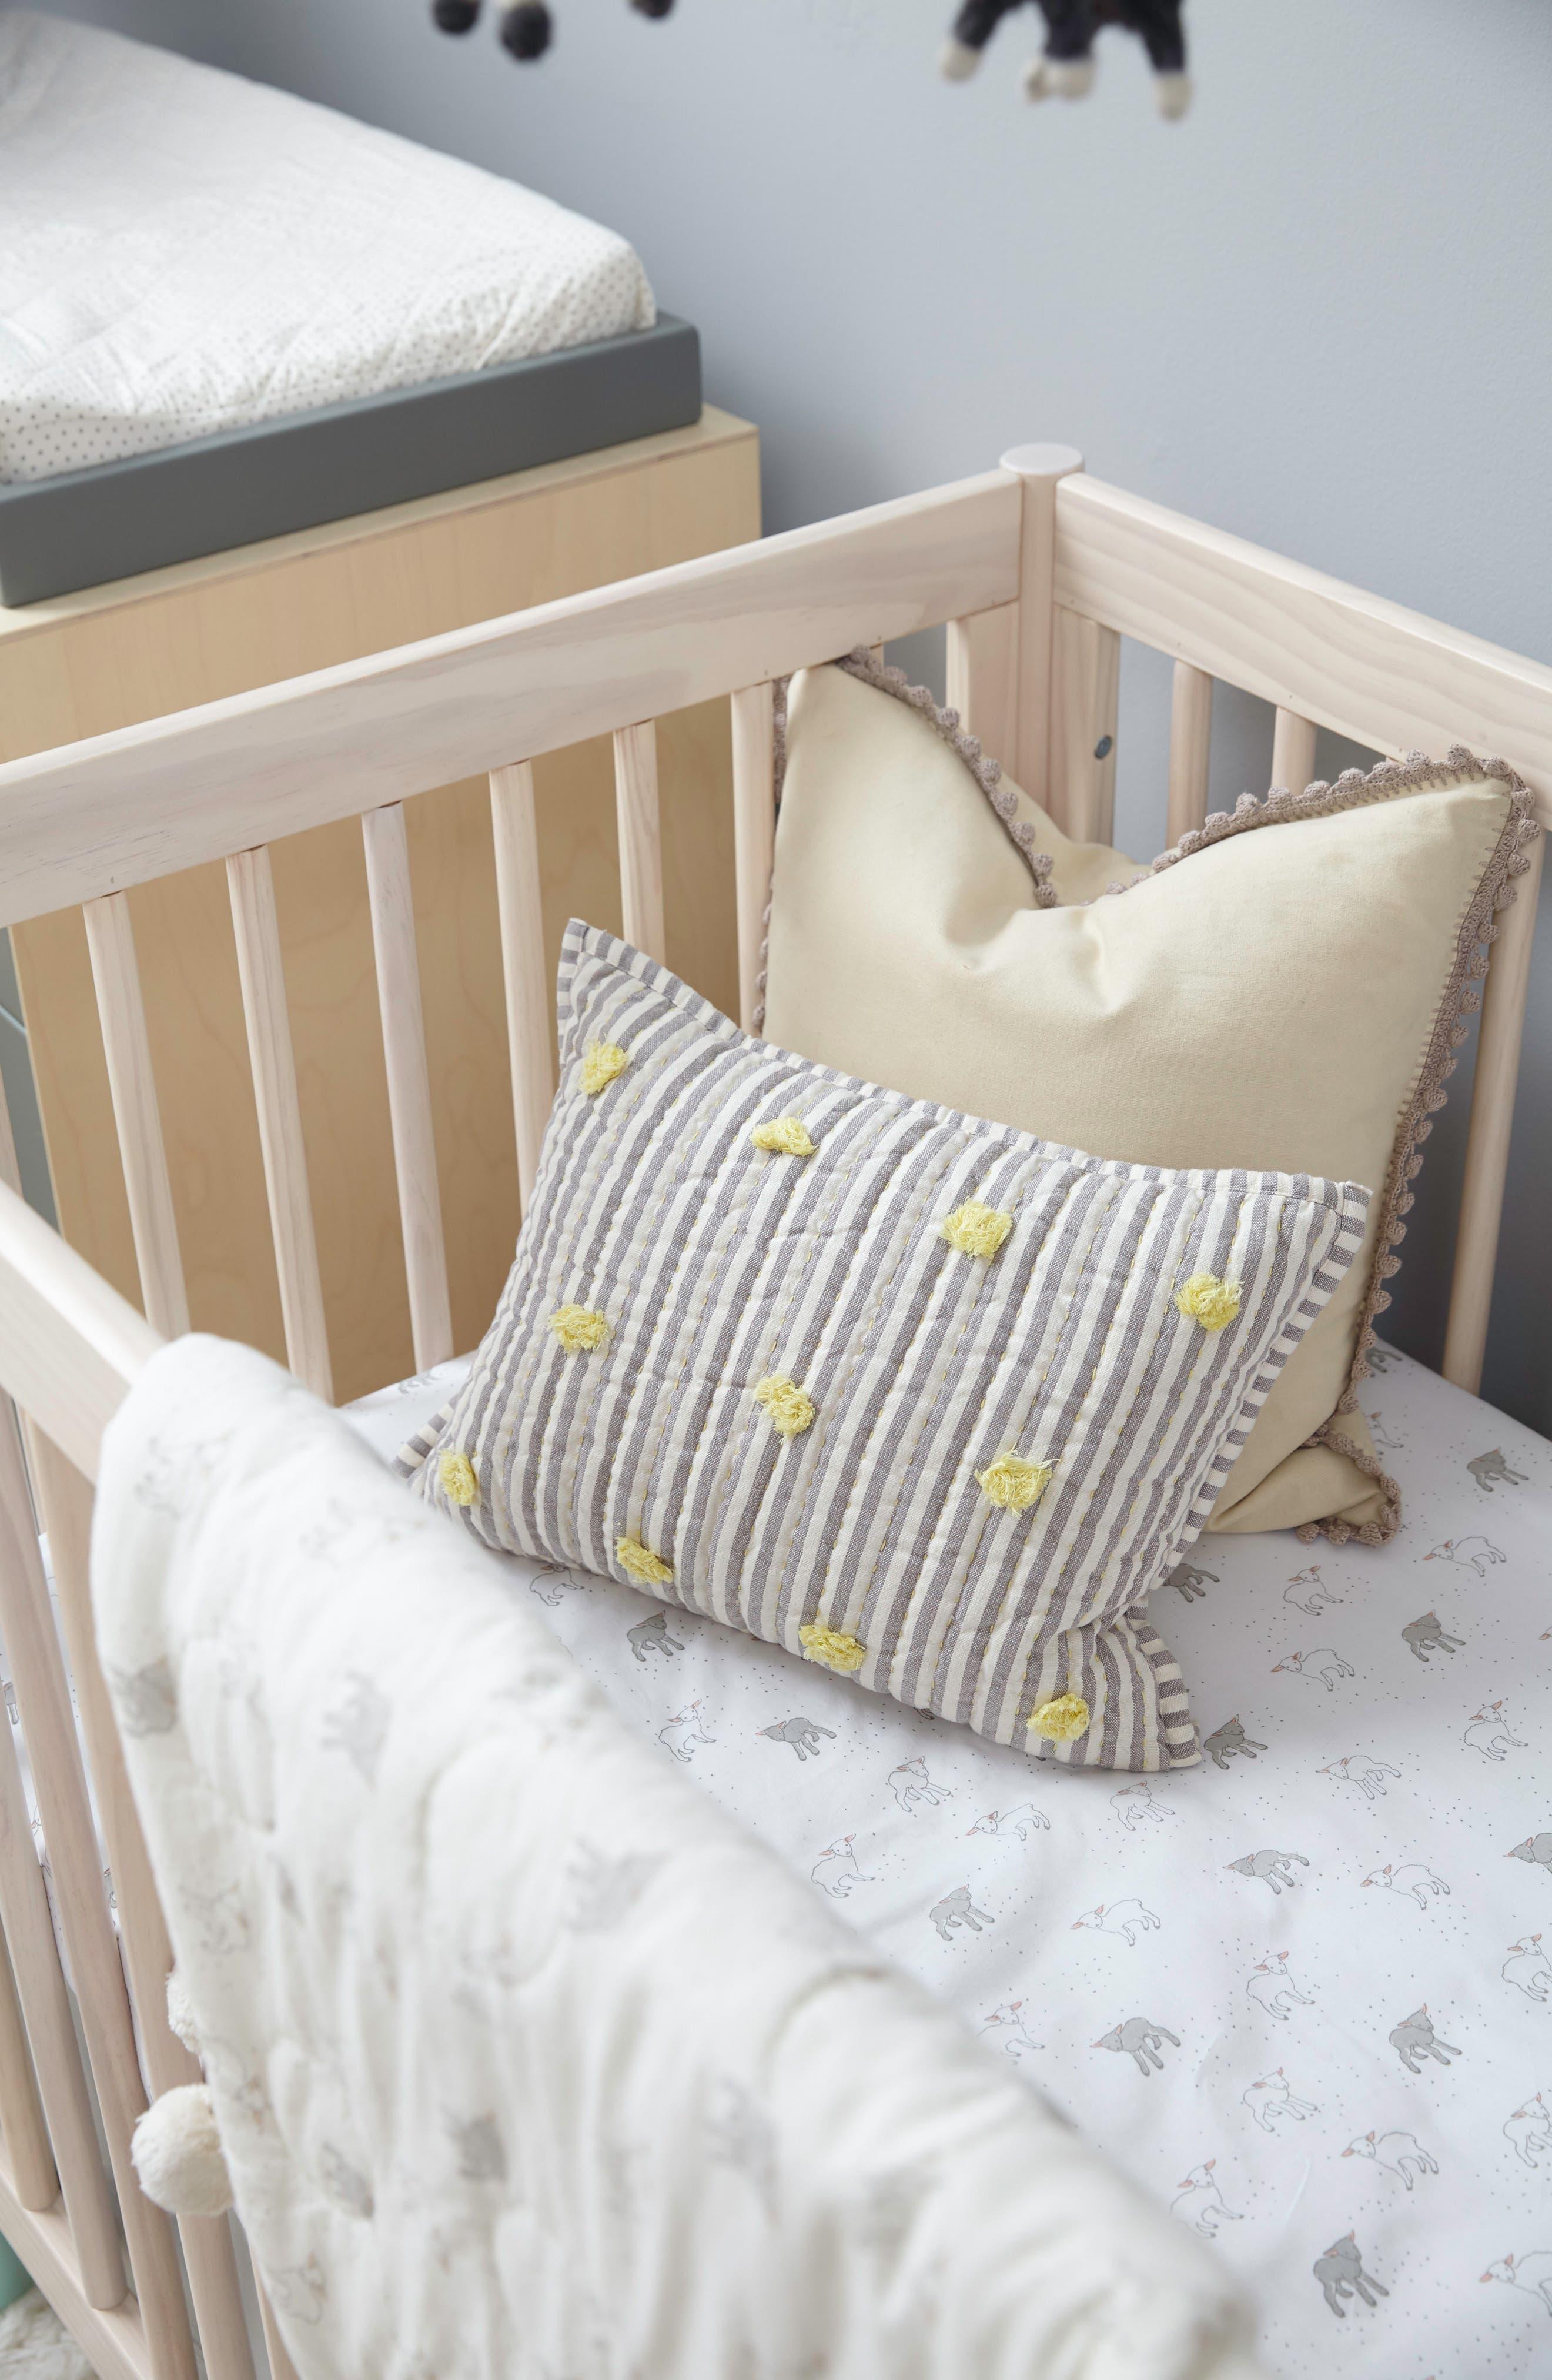 'Rest My Little Head' Cotton Pillow,                             Alternate thumbnail 5, color,                             020